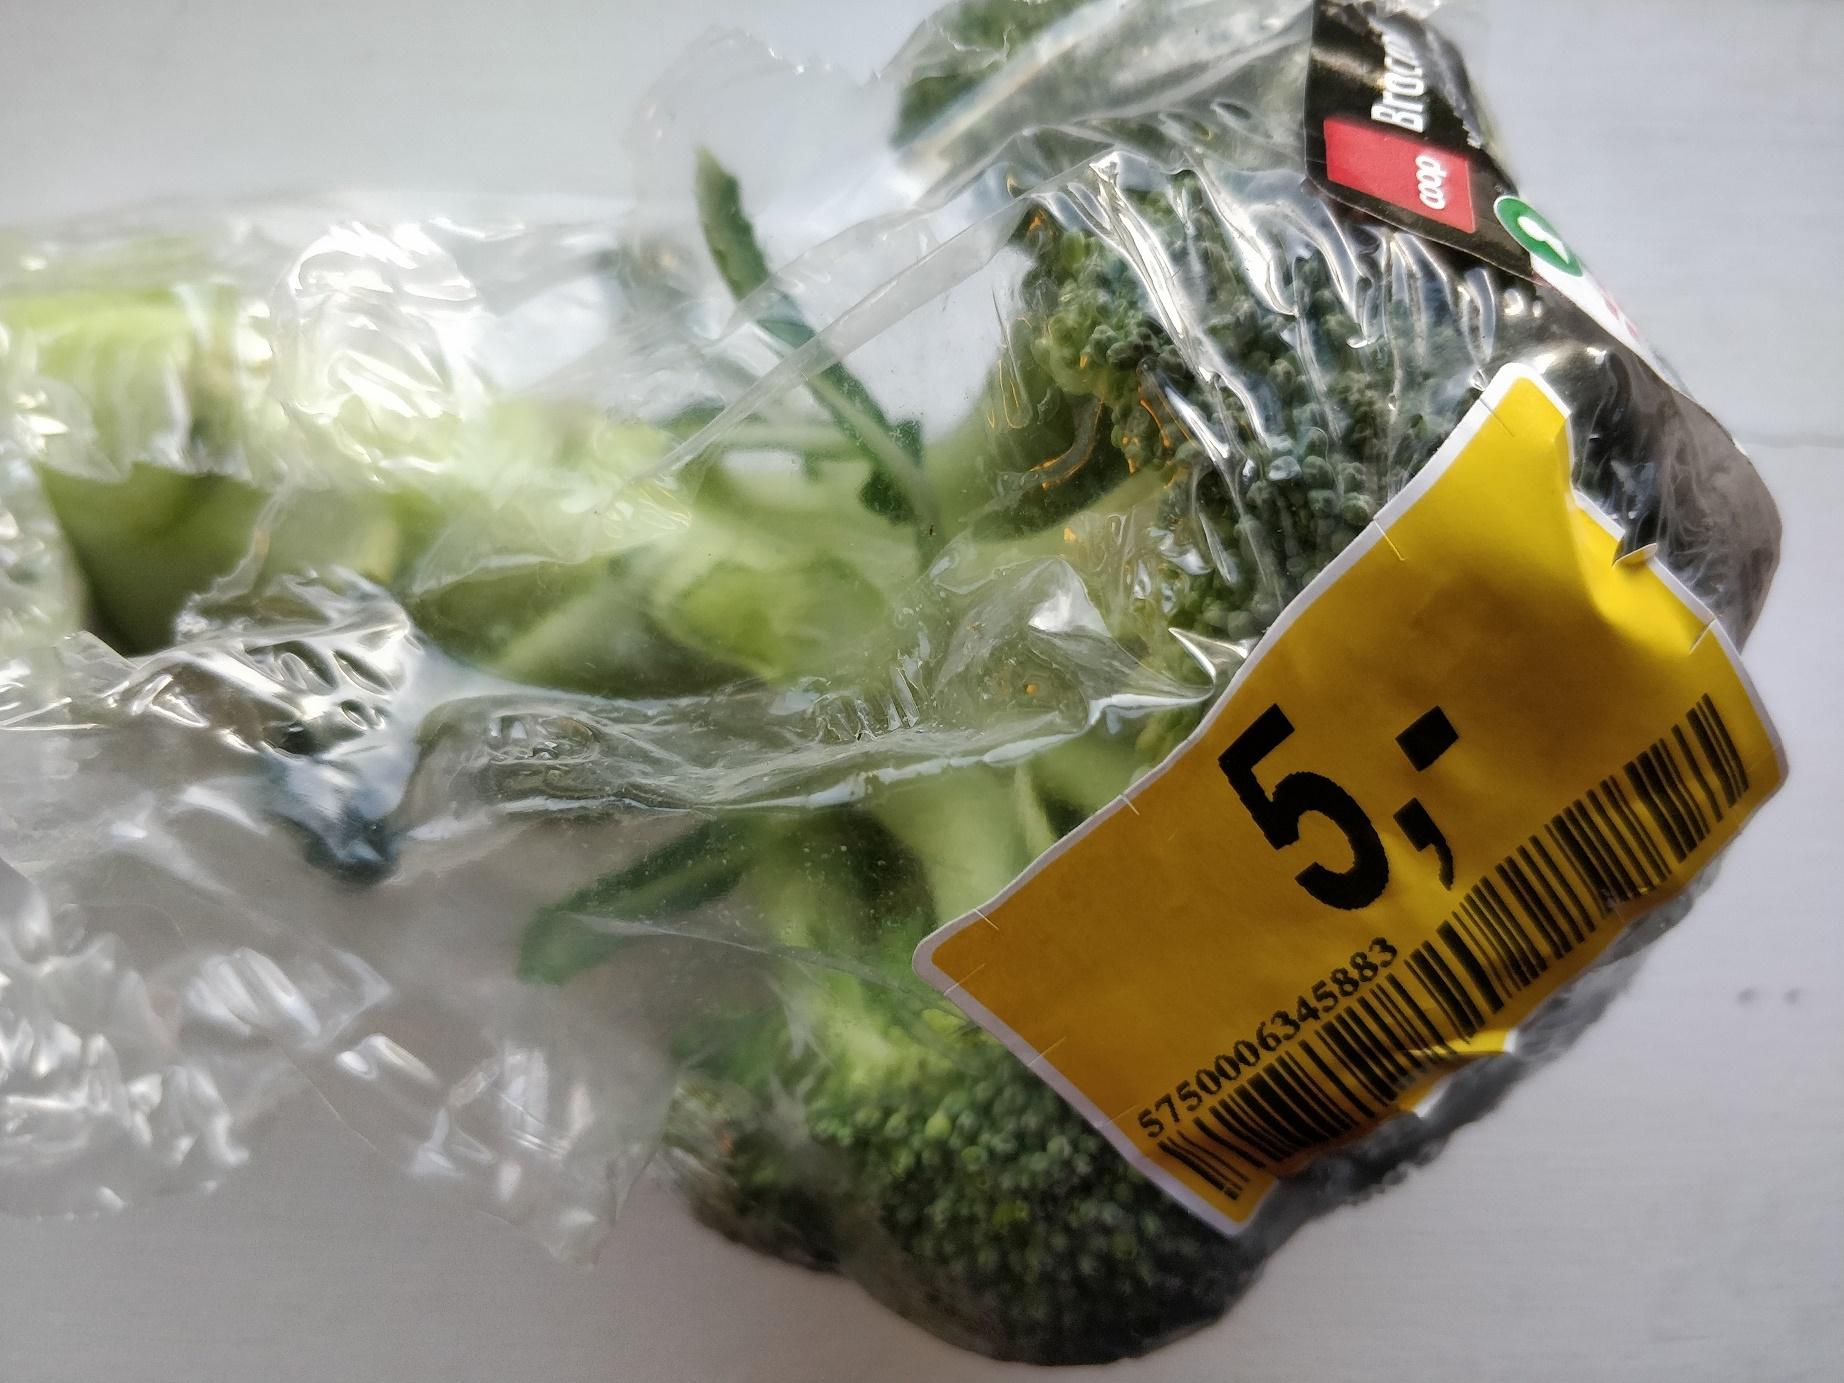 Billigt brocolli - Bæredygtig hverdag, både for miljø og pengepung